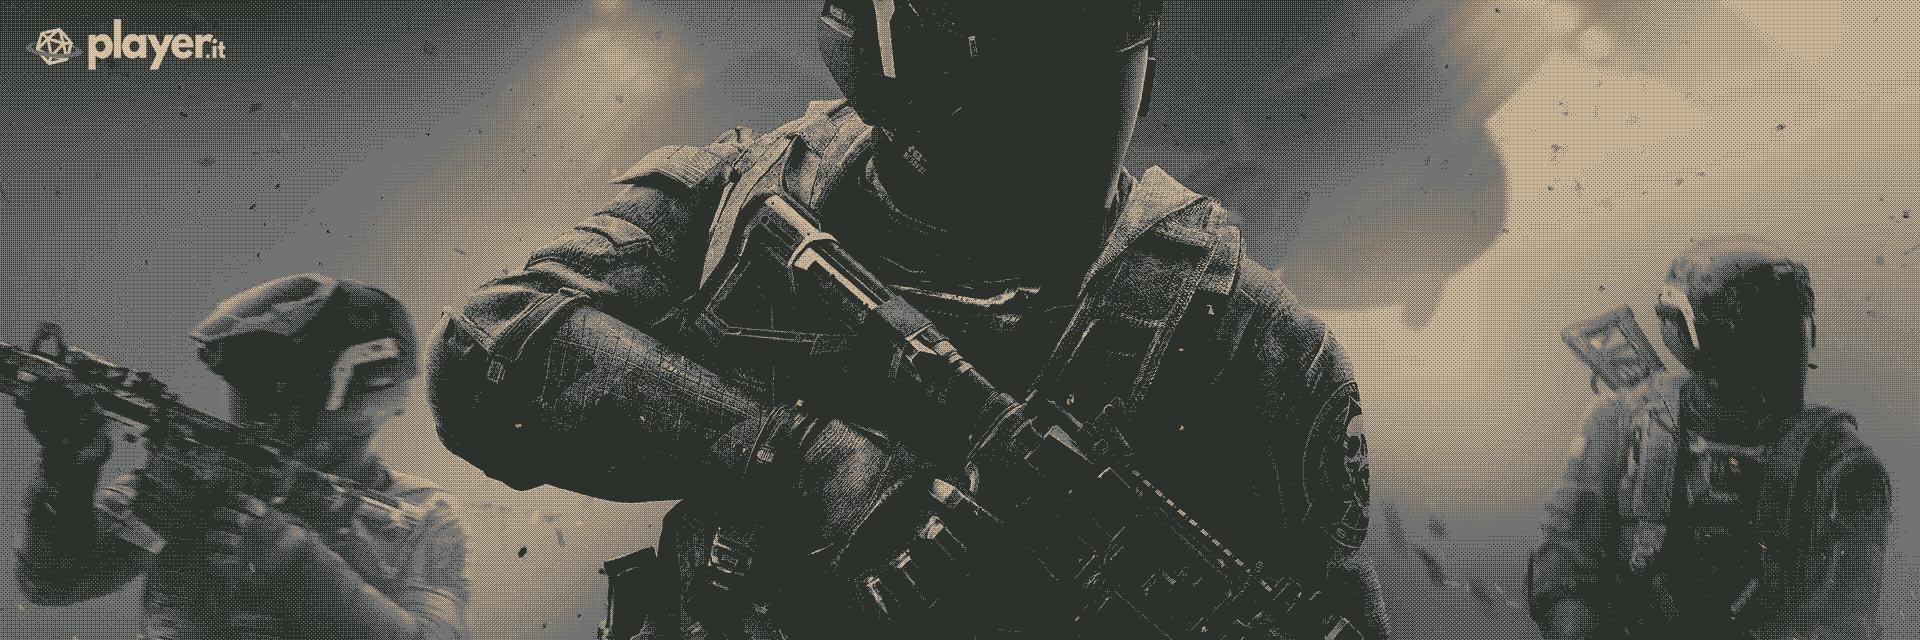 la copertina di Call of Duty: Infinite Warfare